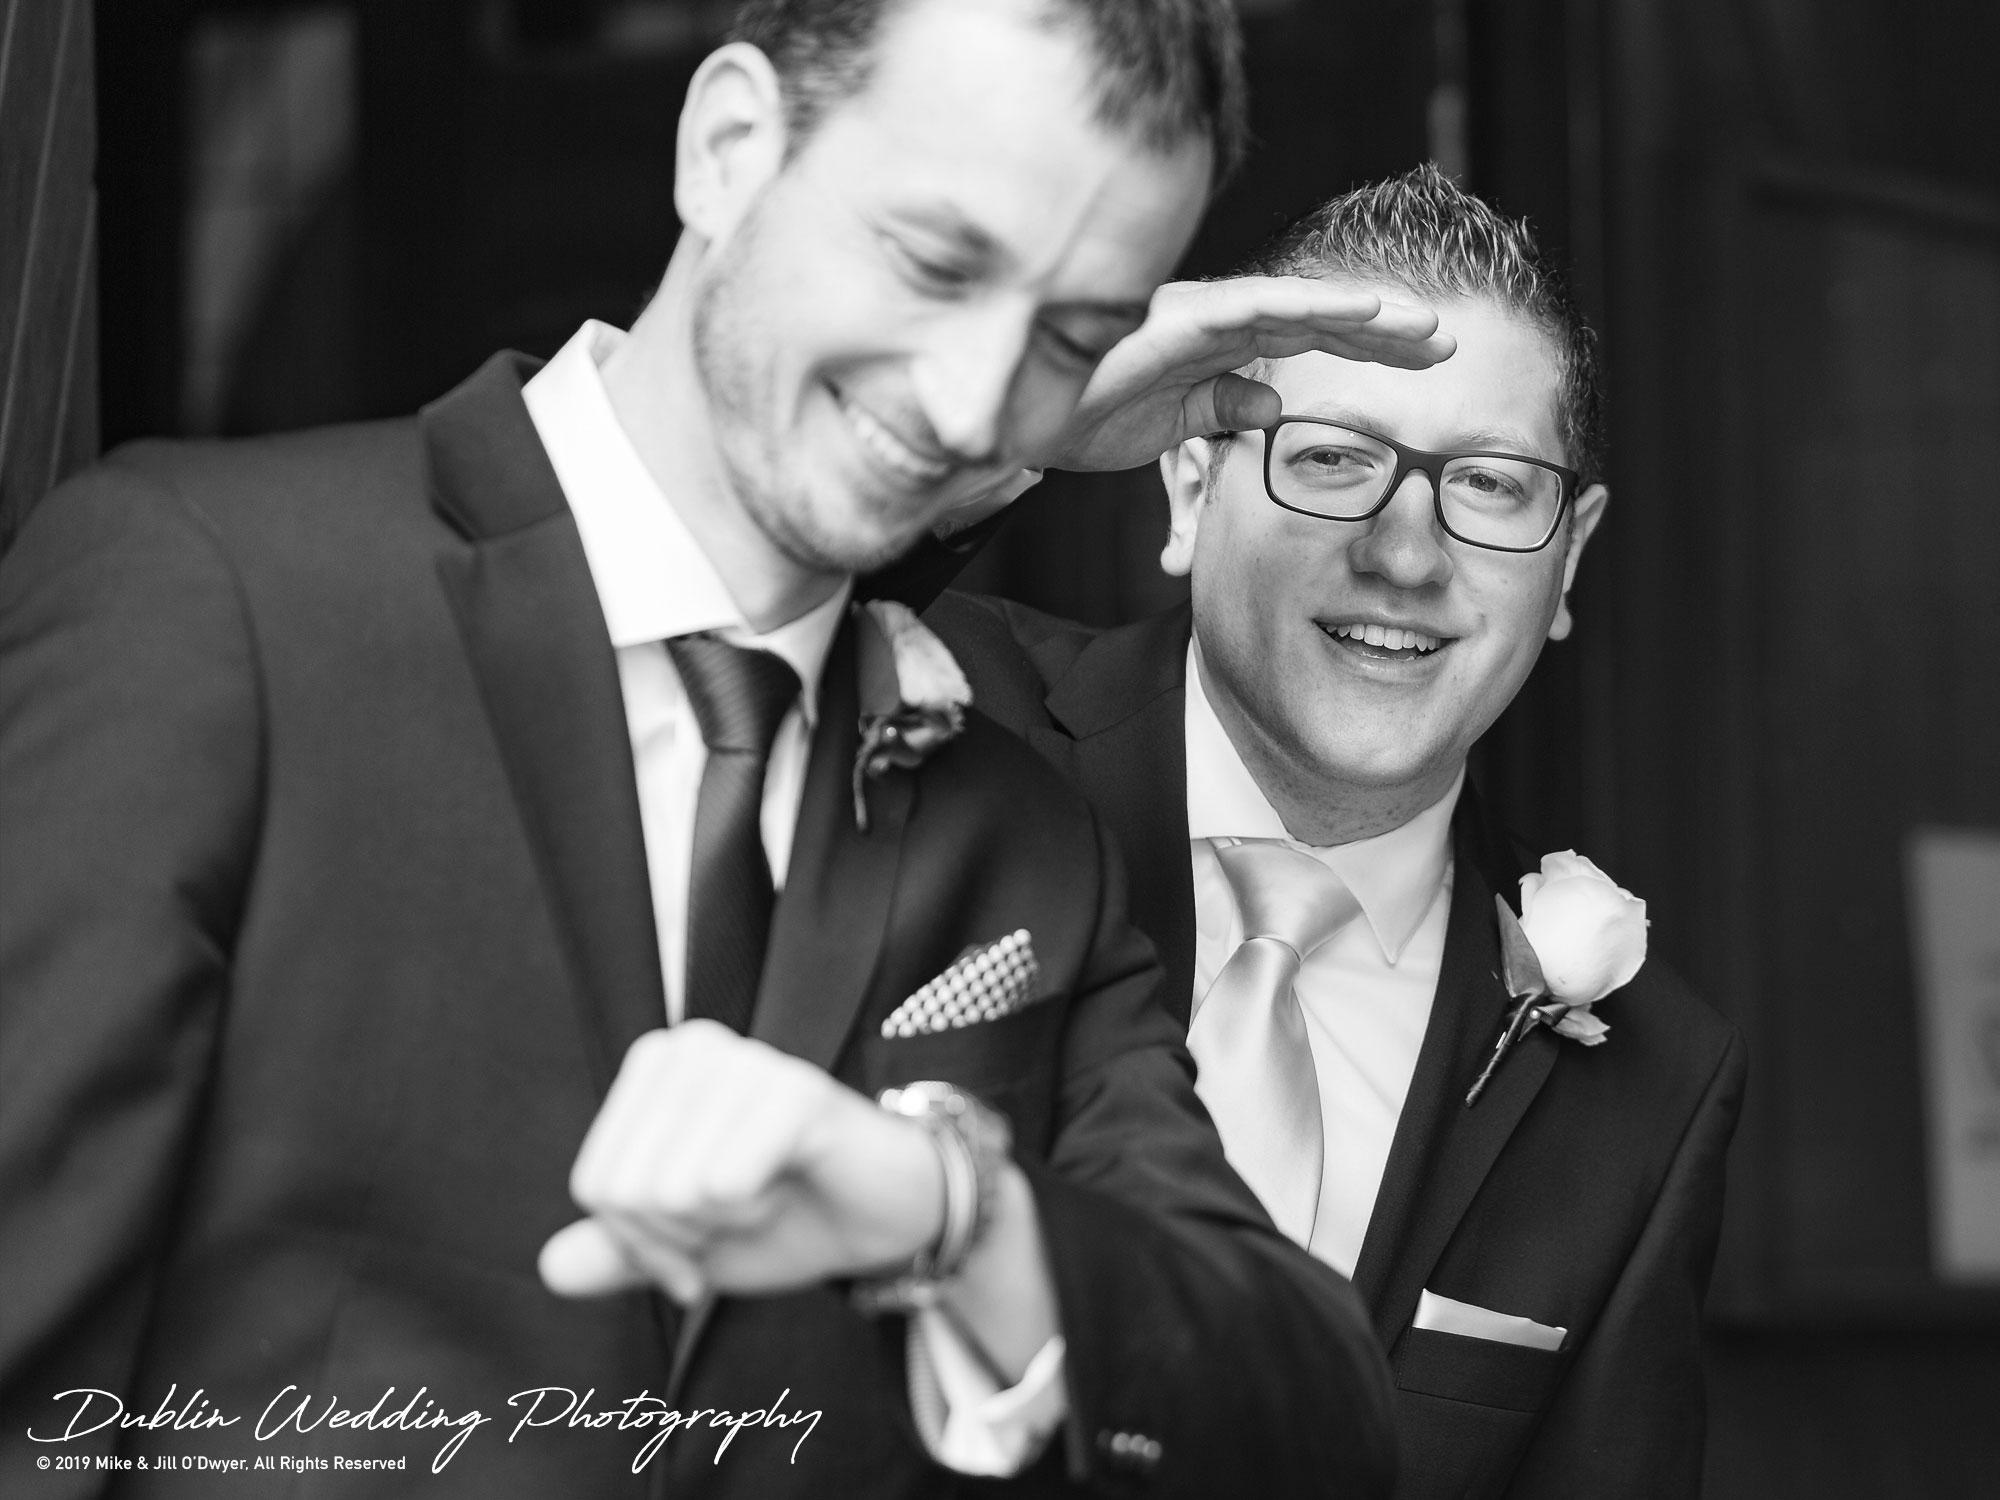 wedding-photographers-dublin-luttrellstown-castle-2016-02.jpg